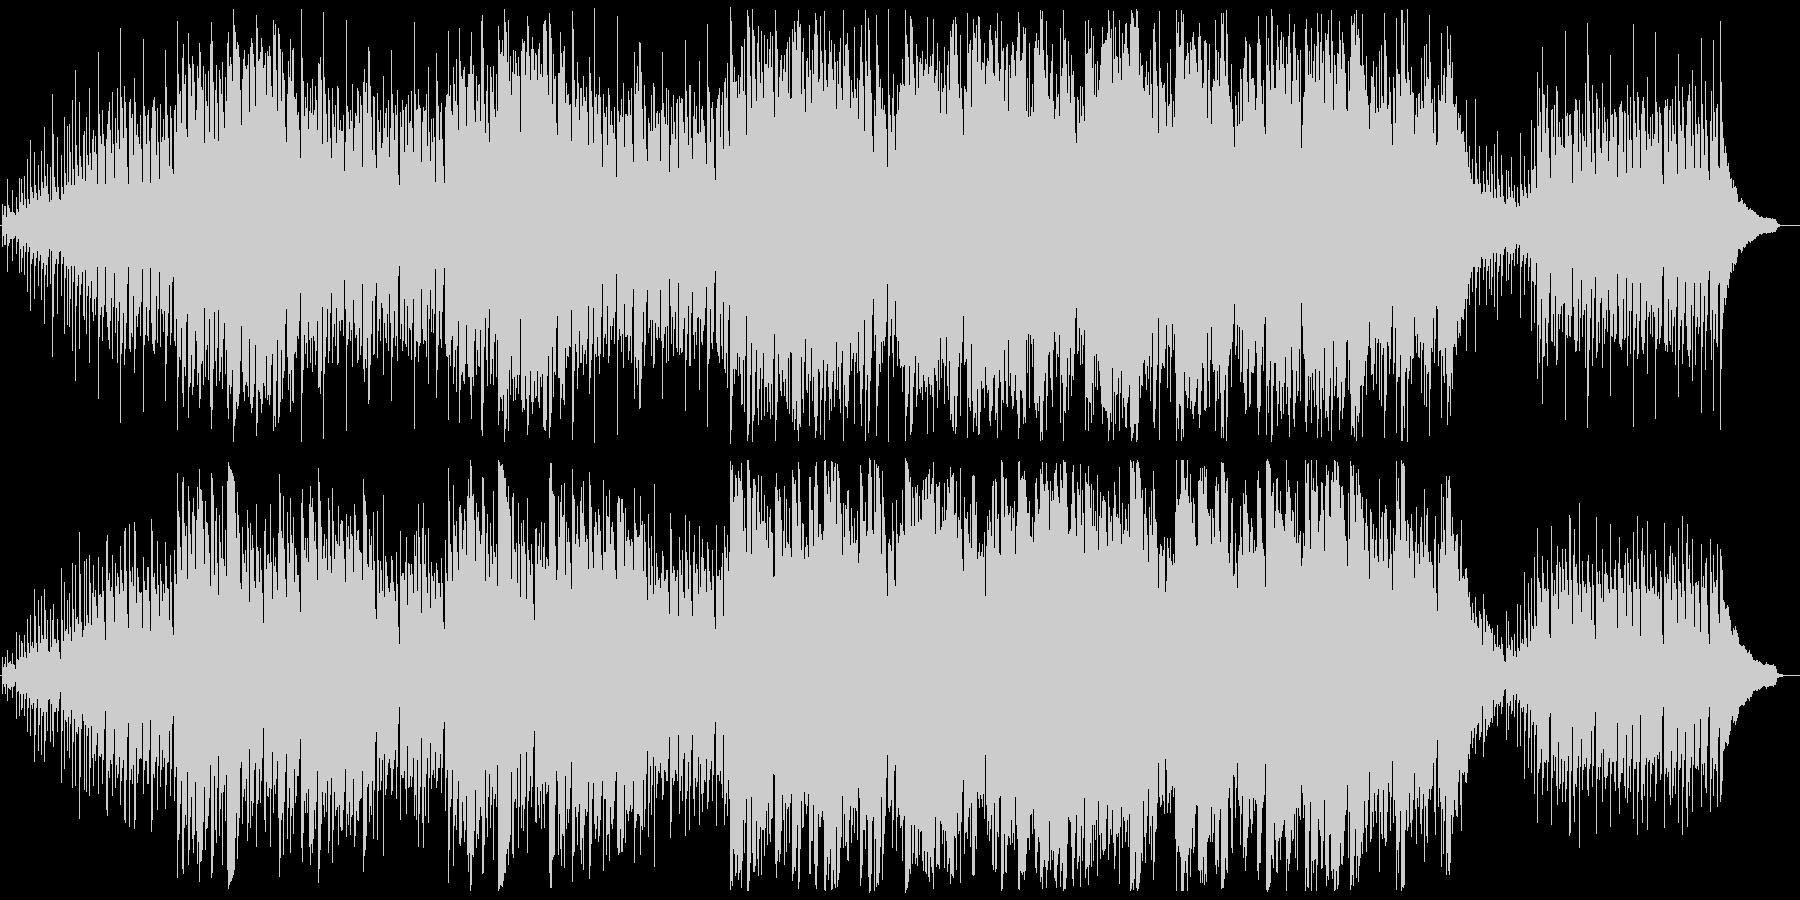 森・神秘系フィールド曲(ループ) の未再生の波形